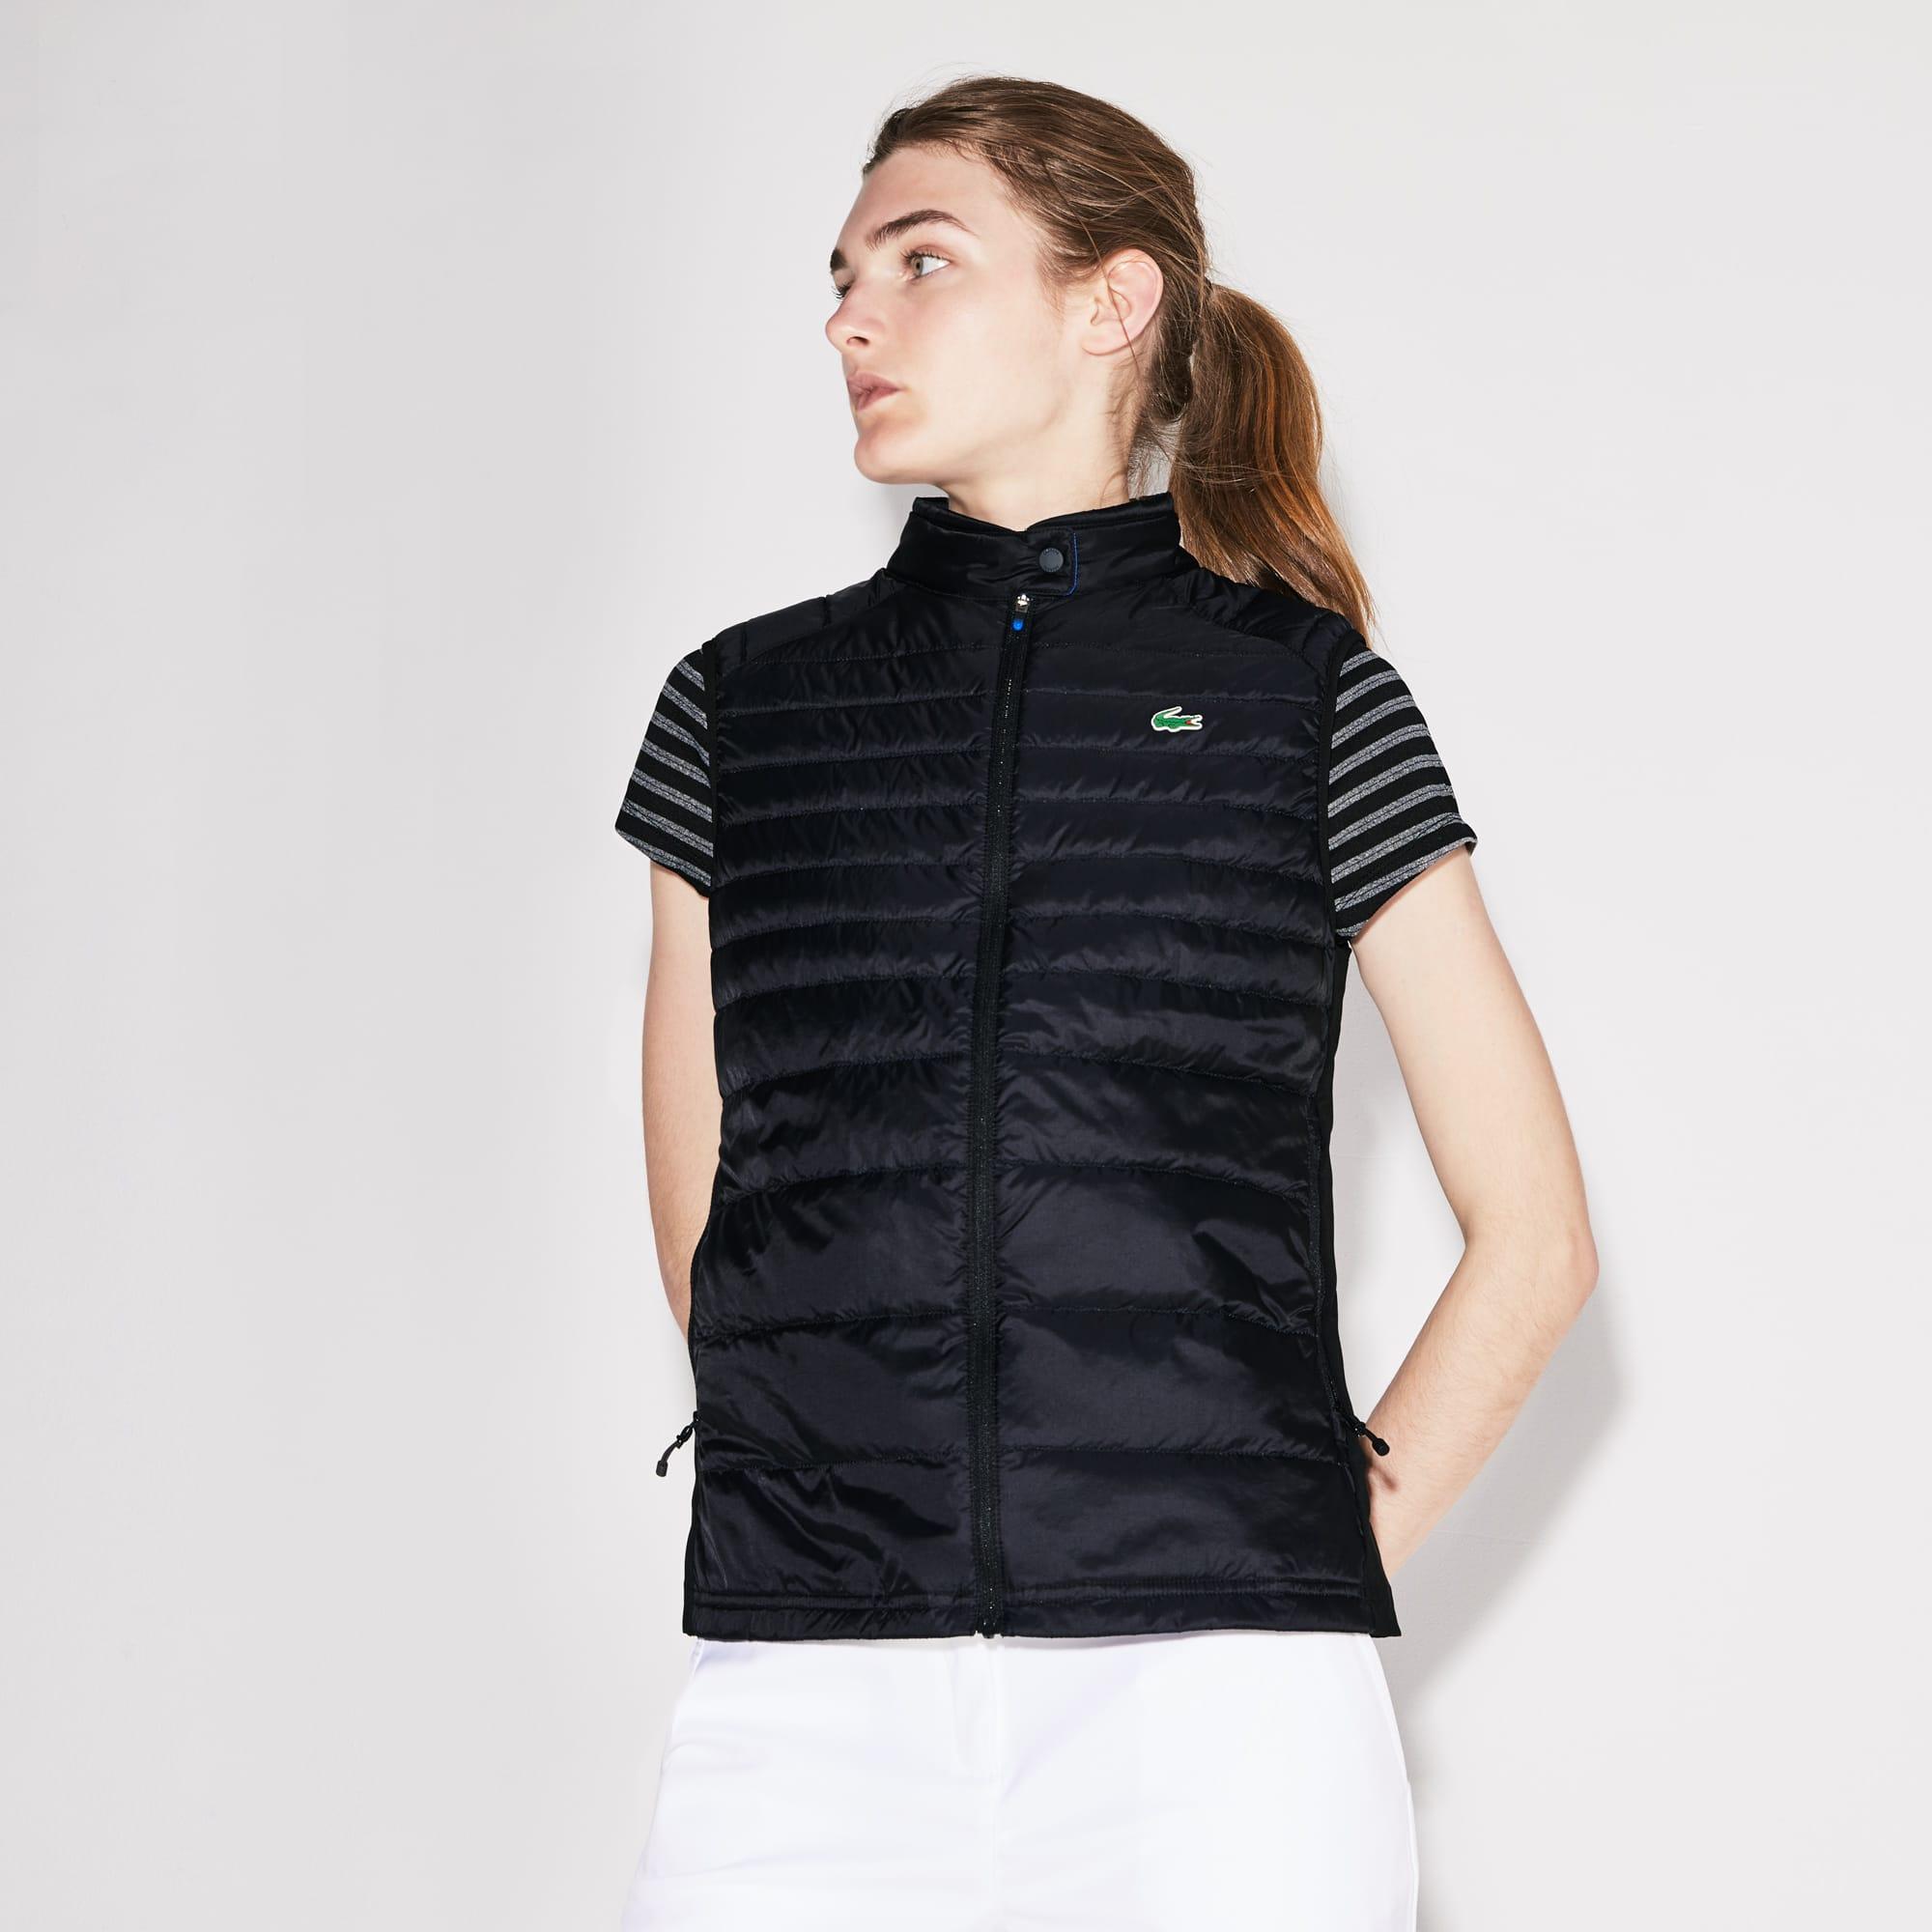 Chaleco Acolchado De Mujer Lacoste SPORT Golf En Tejido Técnico Resistente Al Agua